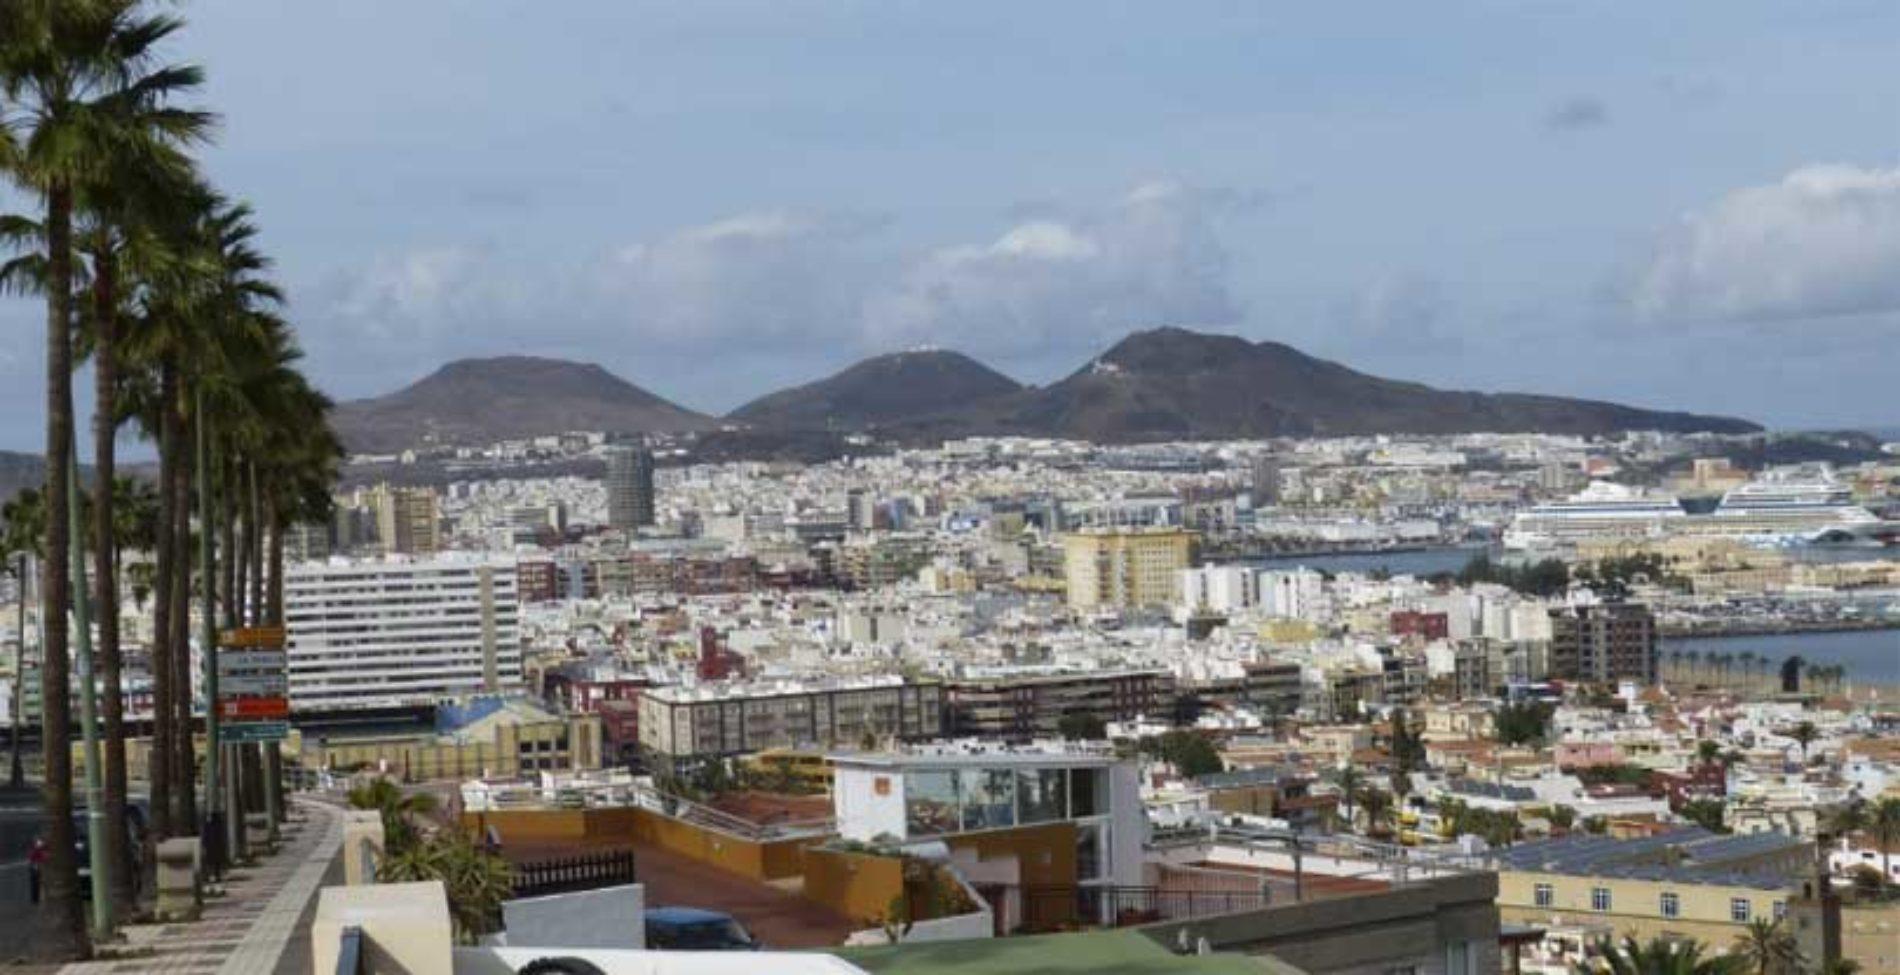 500 boliger står tomme og venter på feriegjester – 8.000 innbyggere mangler leilighet